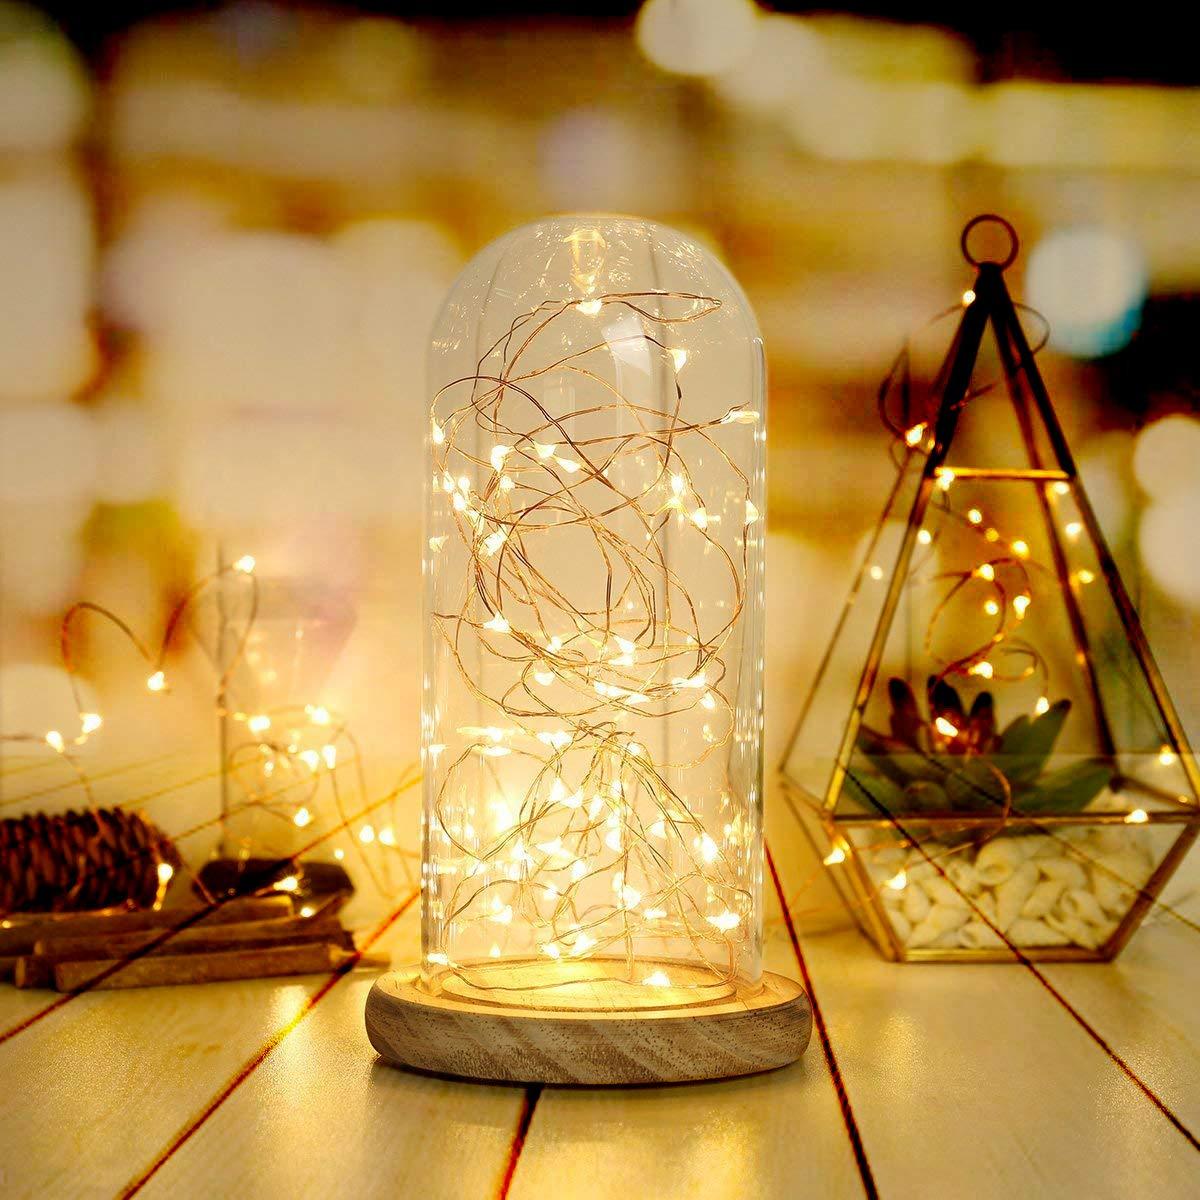 BXROIU 2 x 30er Micro LED Lichterkette AA Batterie betrieb und 2 Programm Auf 3 Meter Silberdraht für Party, Garten, Weihnachten, Halloween, Hochzeit, Beleuchtung Deko(30er Warmweiß)